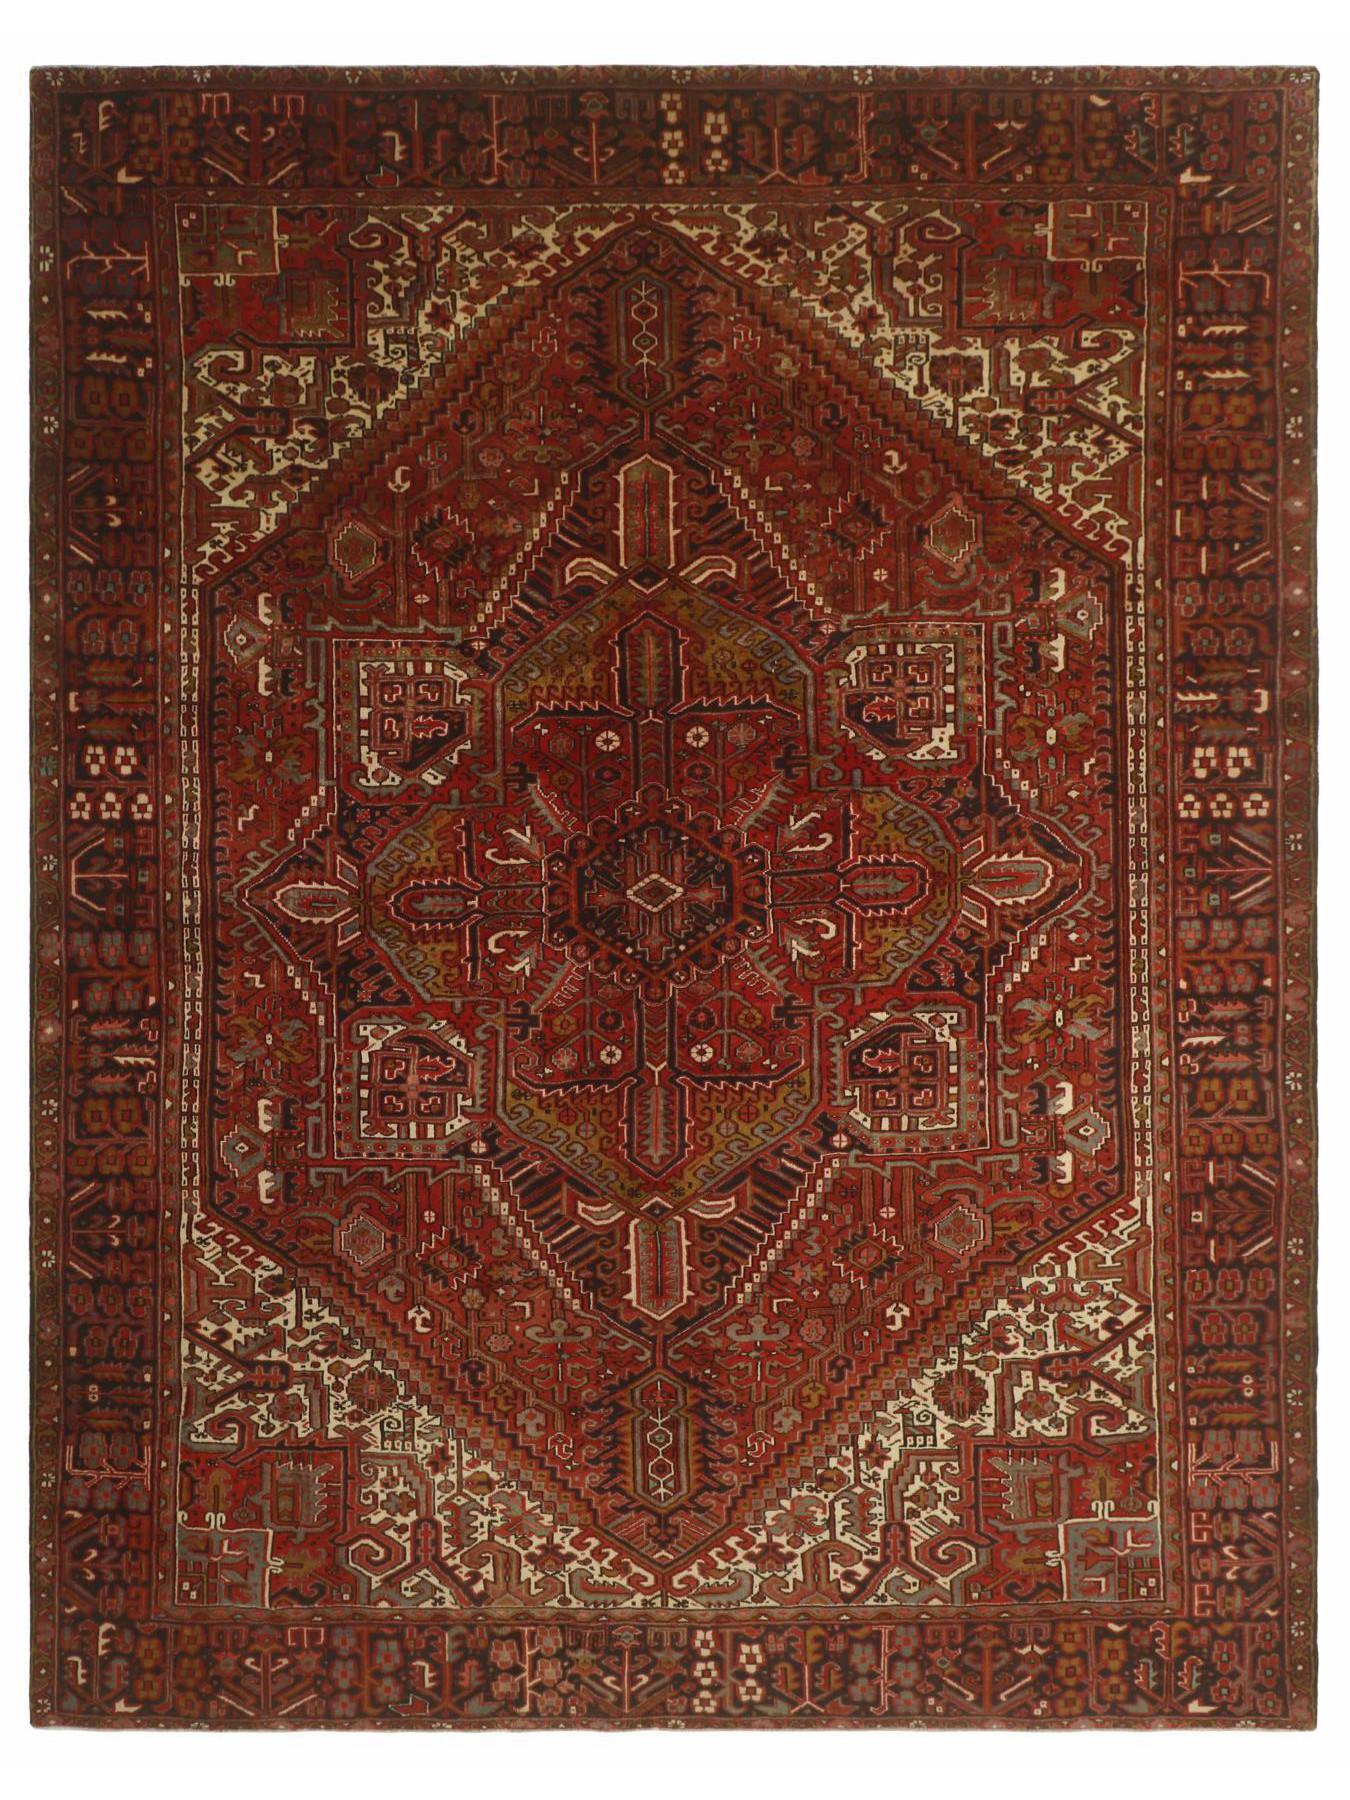 Persian carpets - Heriz